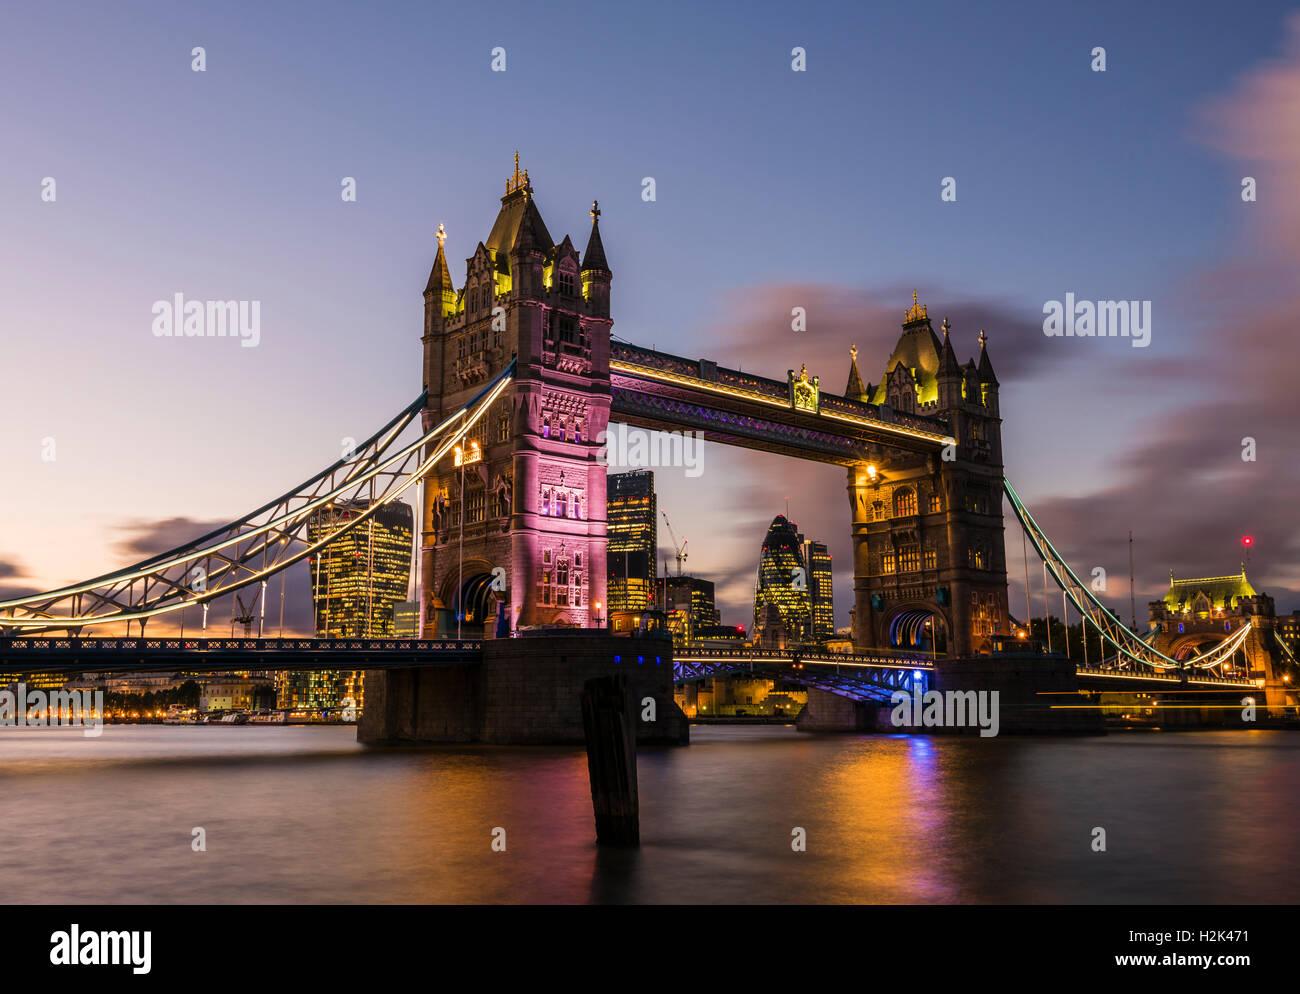 Lumières et bateaux capturés au crépuscule dans une longue exposition de Tower Bridge, London, UK Photo Stock